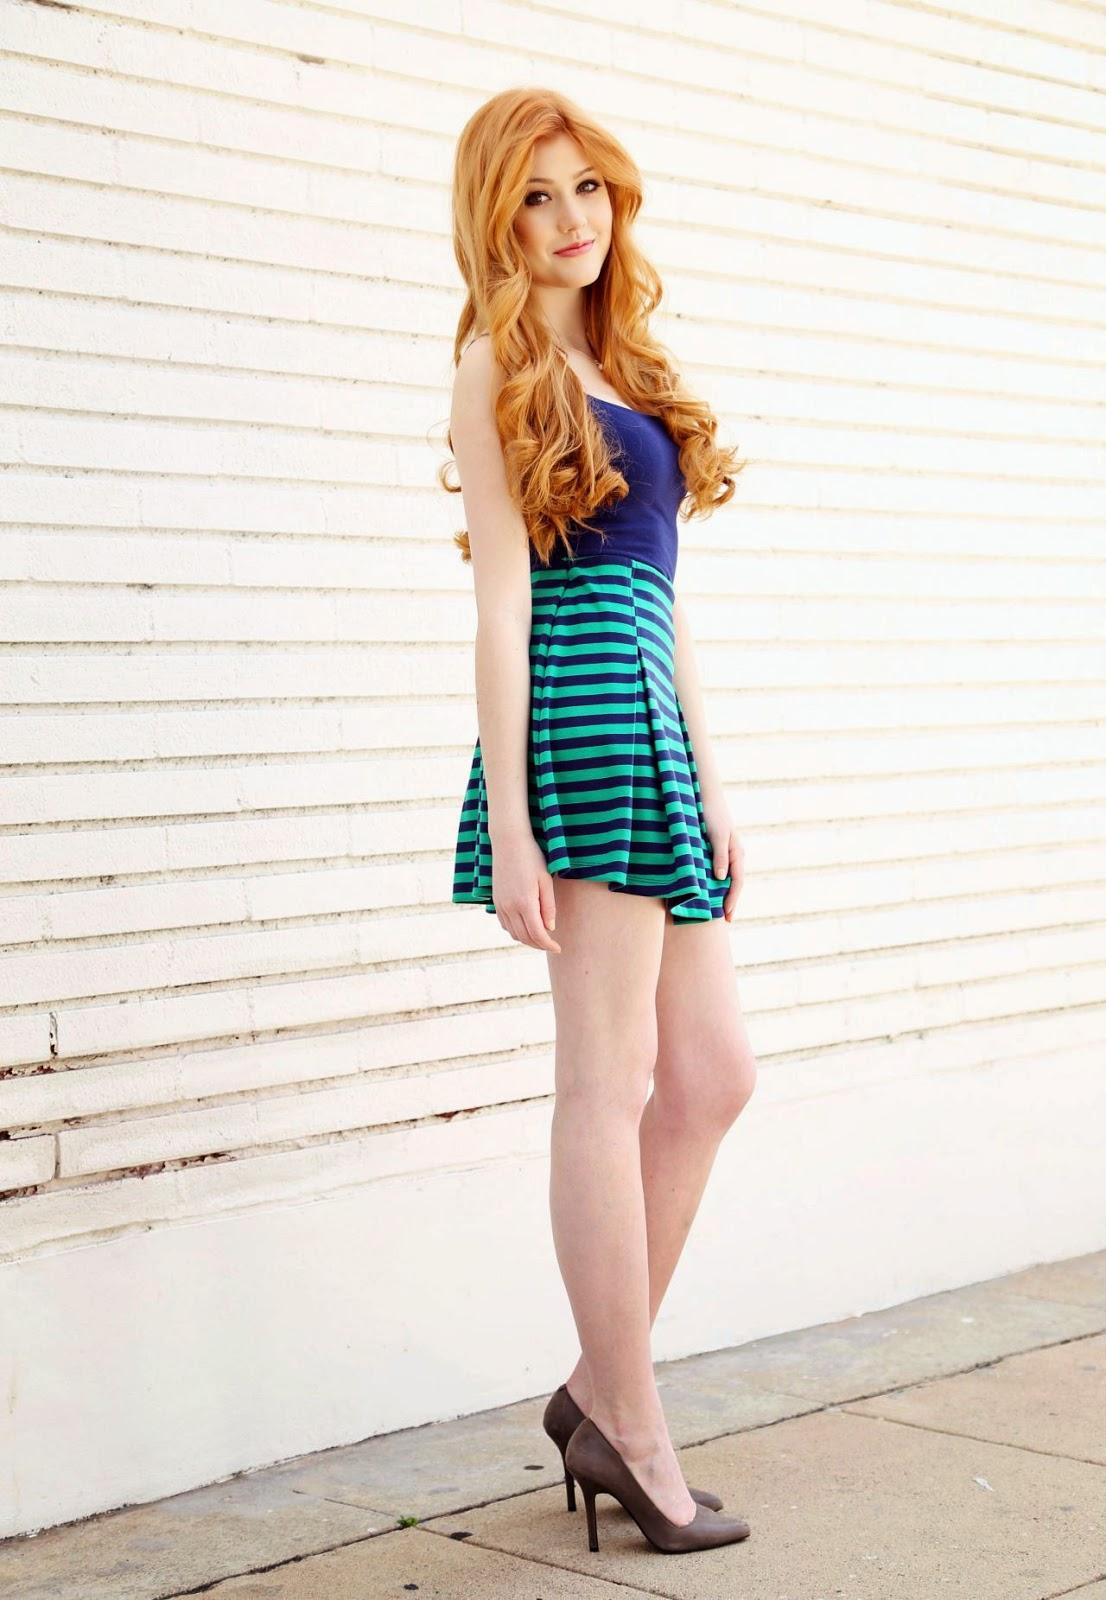 Katherine McNamara angelic beauty sexy legs Photoshoot in ...